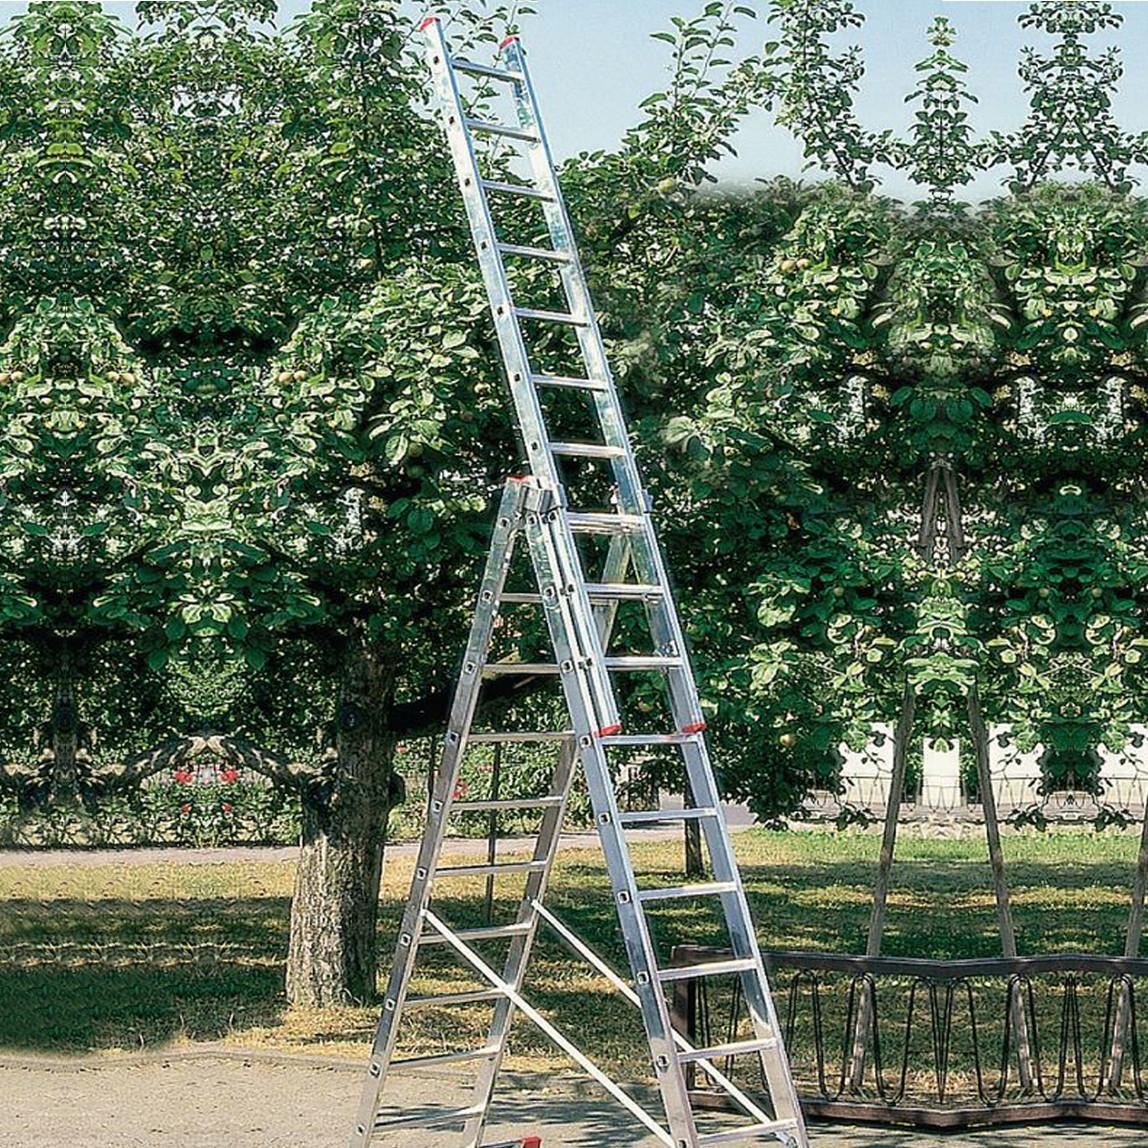 Stabilomat 3x11 Basamaklı Çok Amaçlı Merdiven